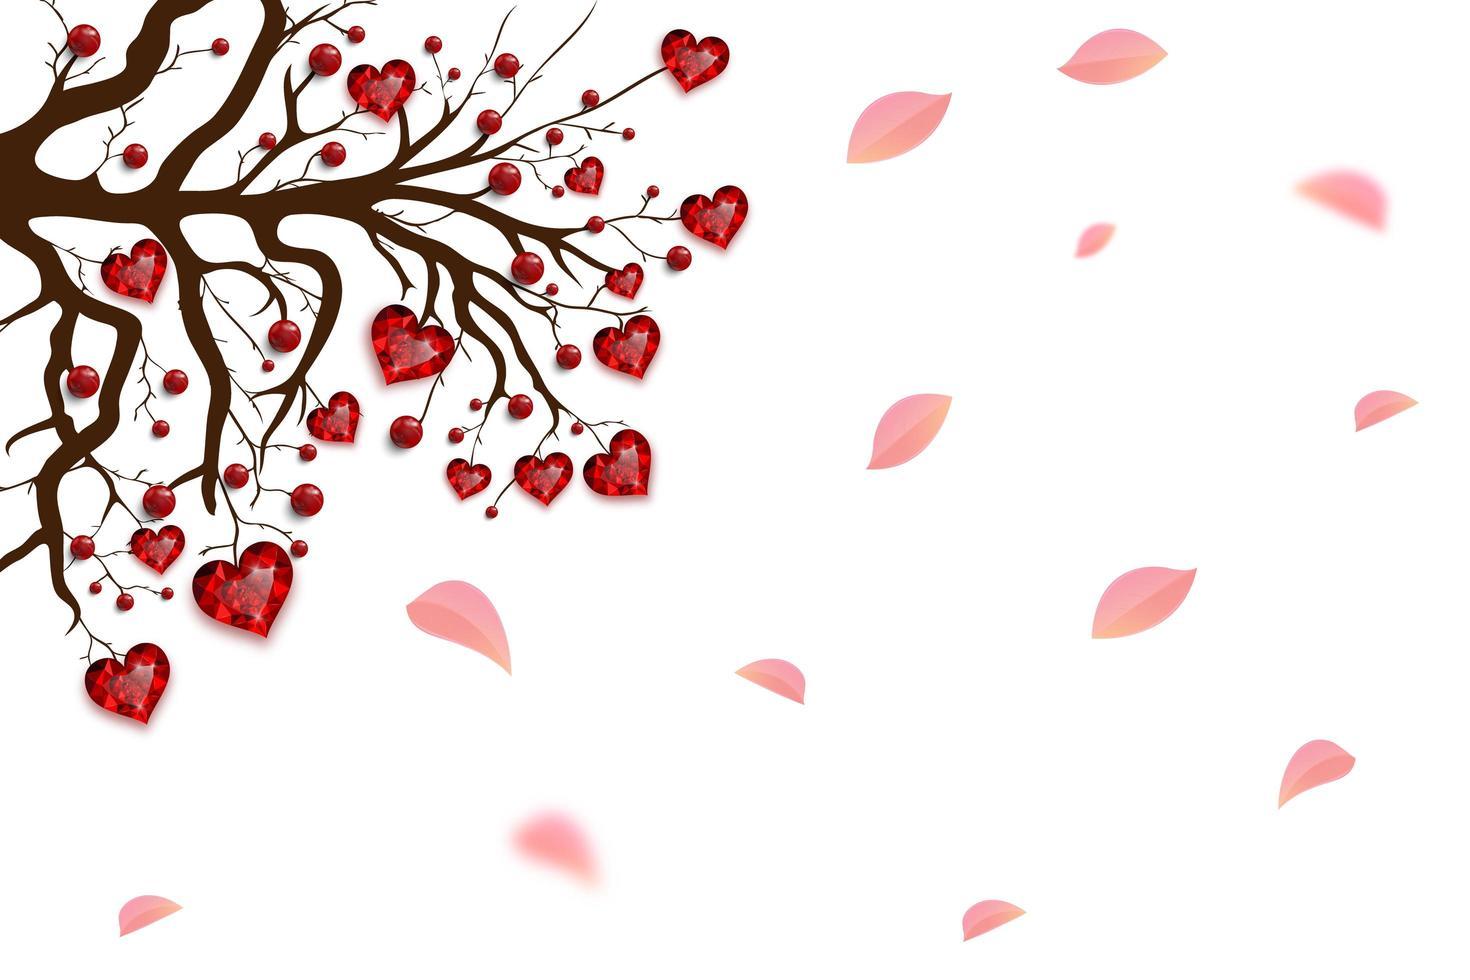 glad alla hjärtans dag. träd dekorerad med röda hjärtan och pärlor. ruby juvel. alla hjärtans kort. vektor